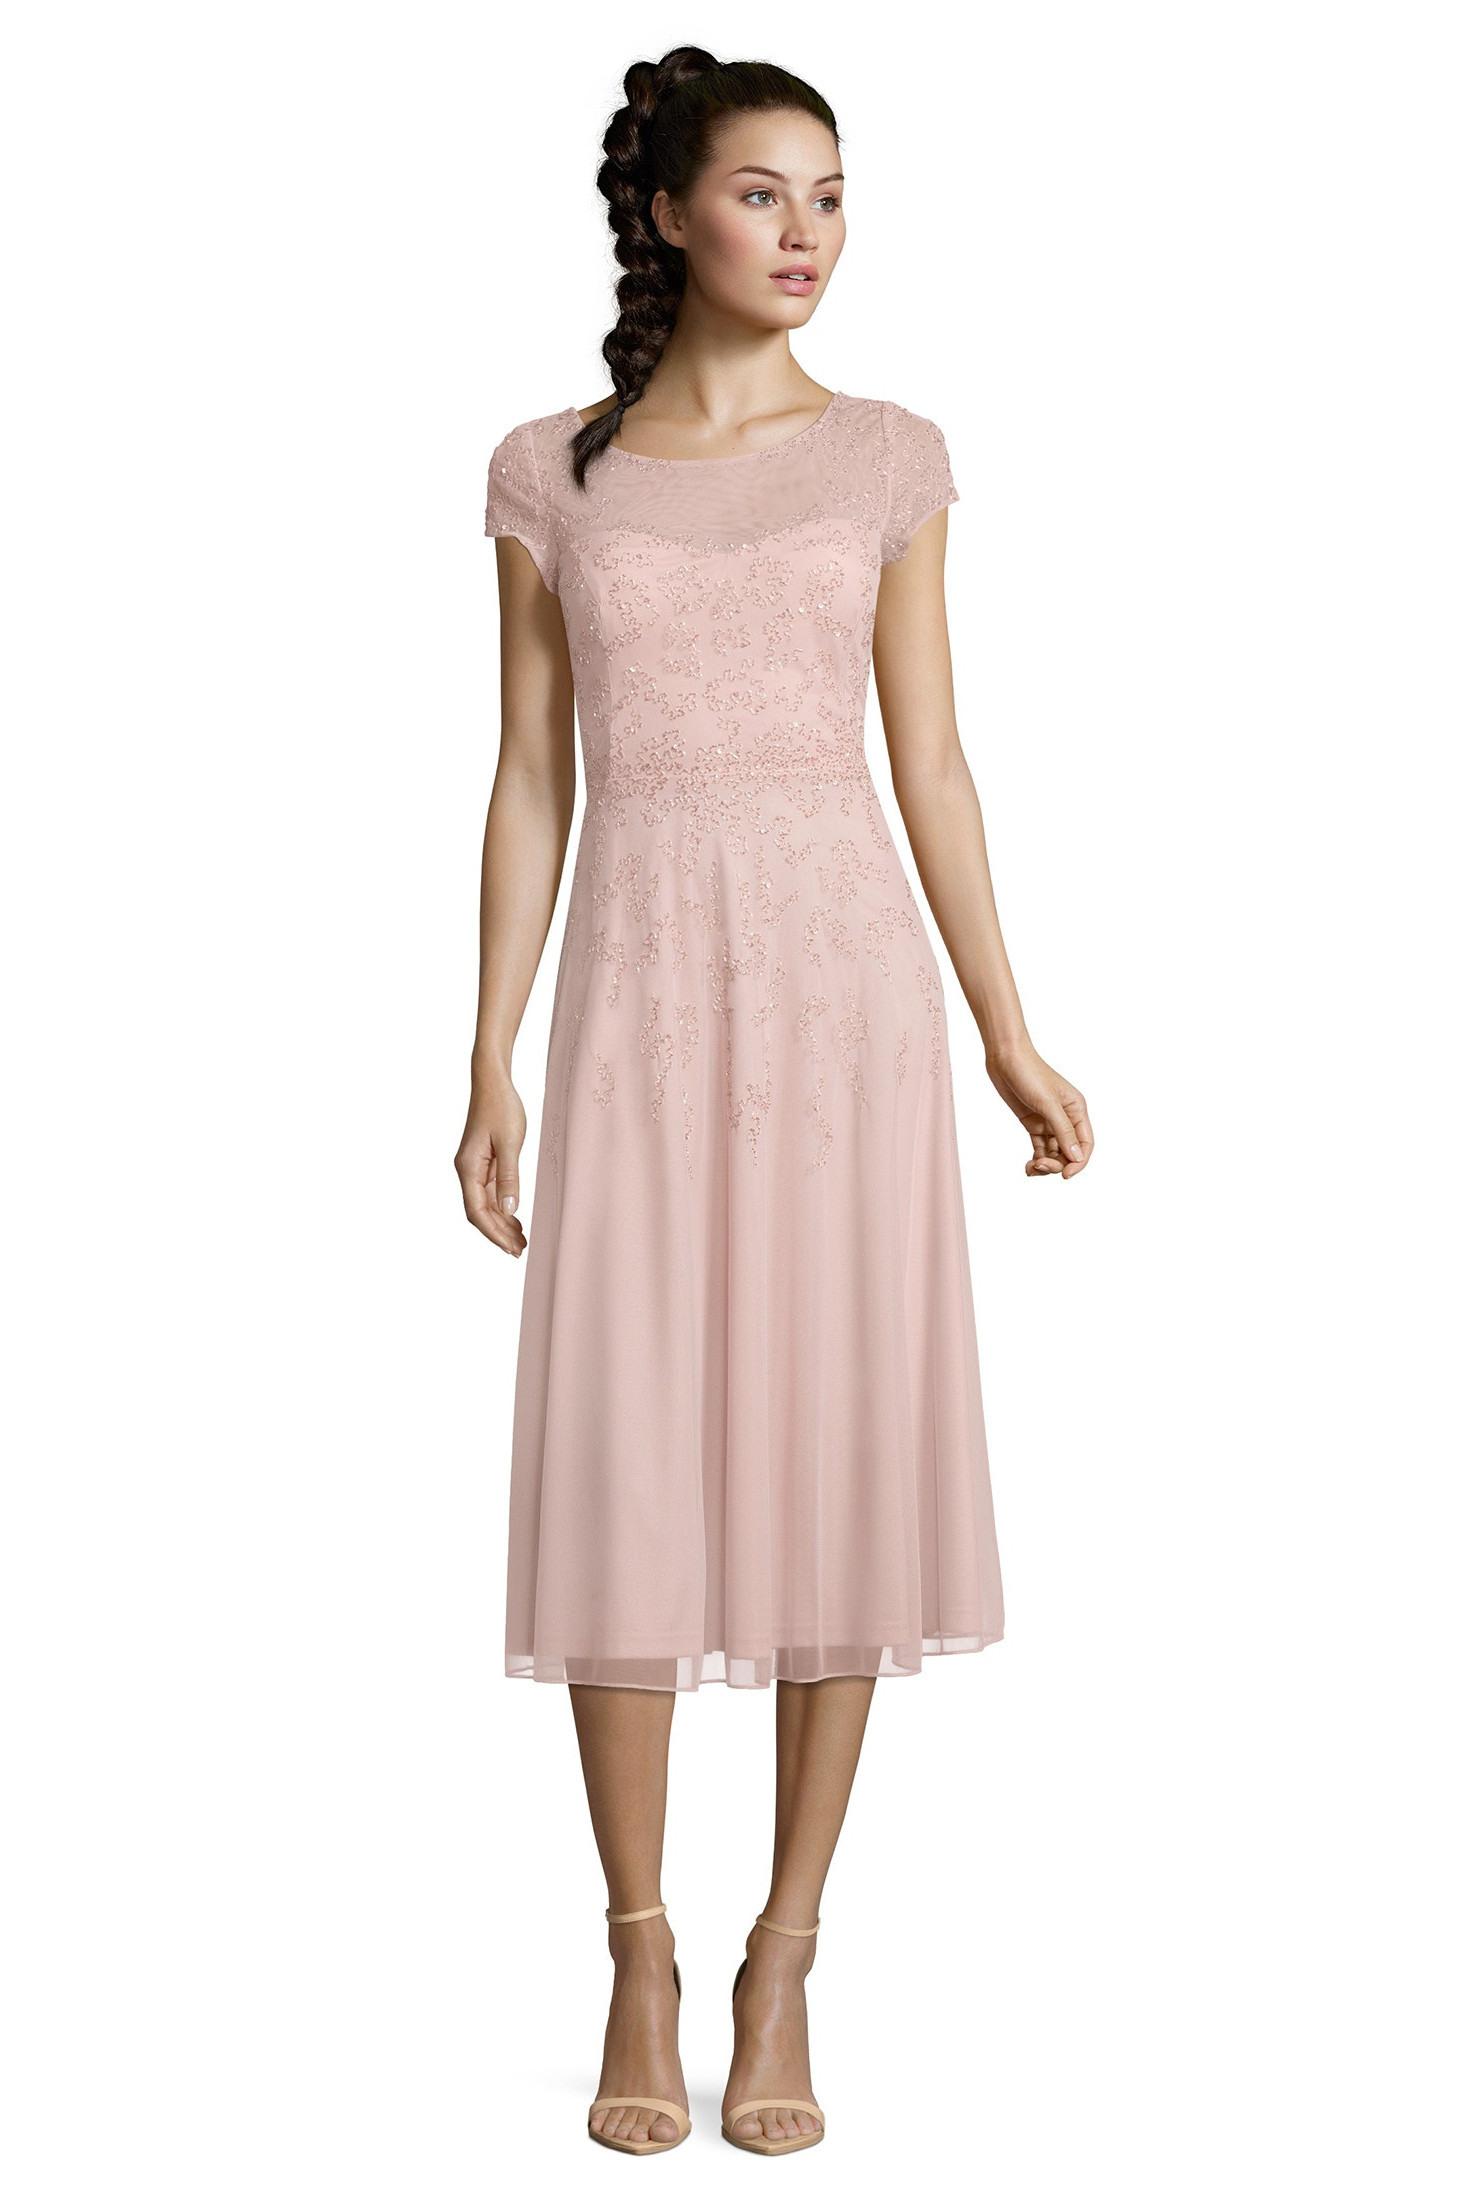 Formal Schön Festliches Kleid Rosa StylishDesigner Erstaunlich Festliches Kleid Rosa Design